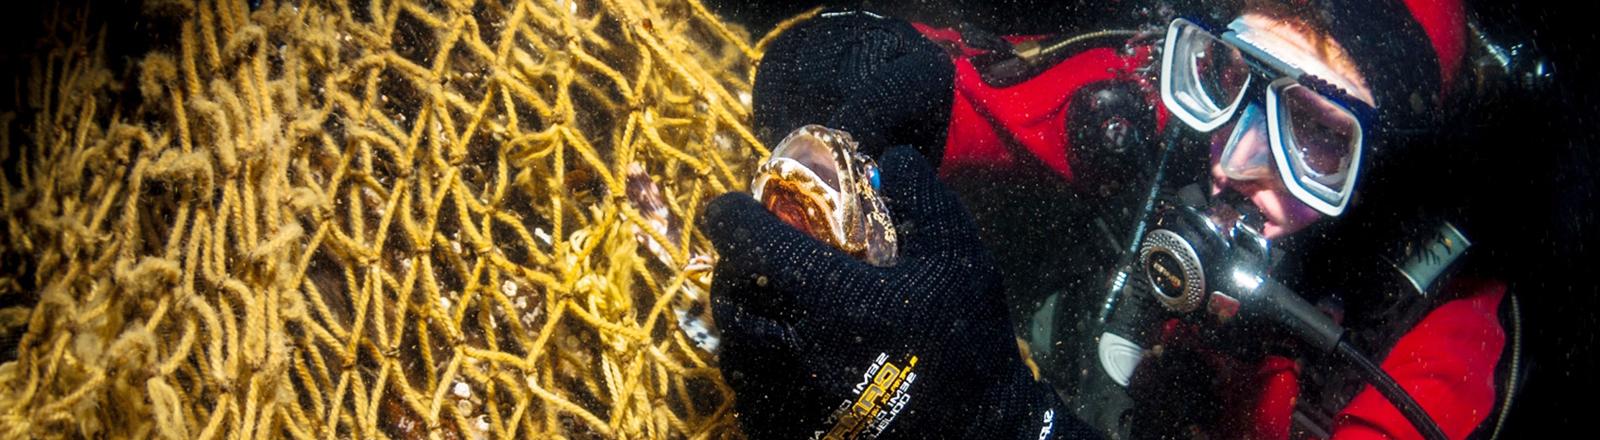 """Ein Taucher befreit am 05.03.2014 einen Seeskorpion aus einem Geisternetz am Wrack der """"Friedrich Engels"""" in der Ostsee östlich von Rügen."""